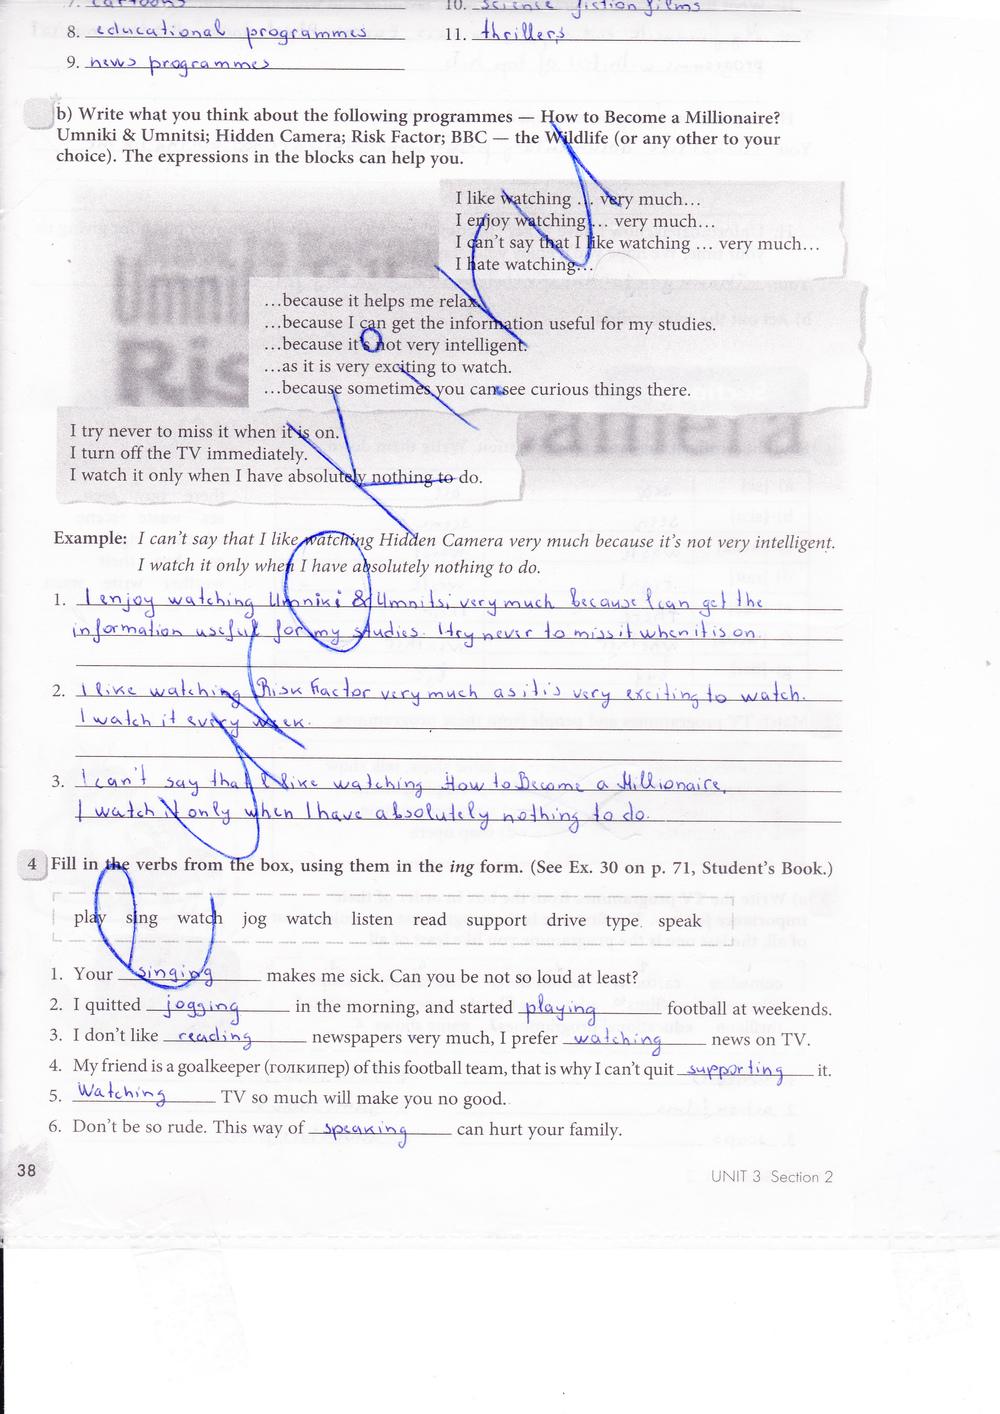 Гдз по английскому языку 11 класс биболетоварт